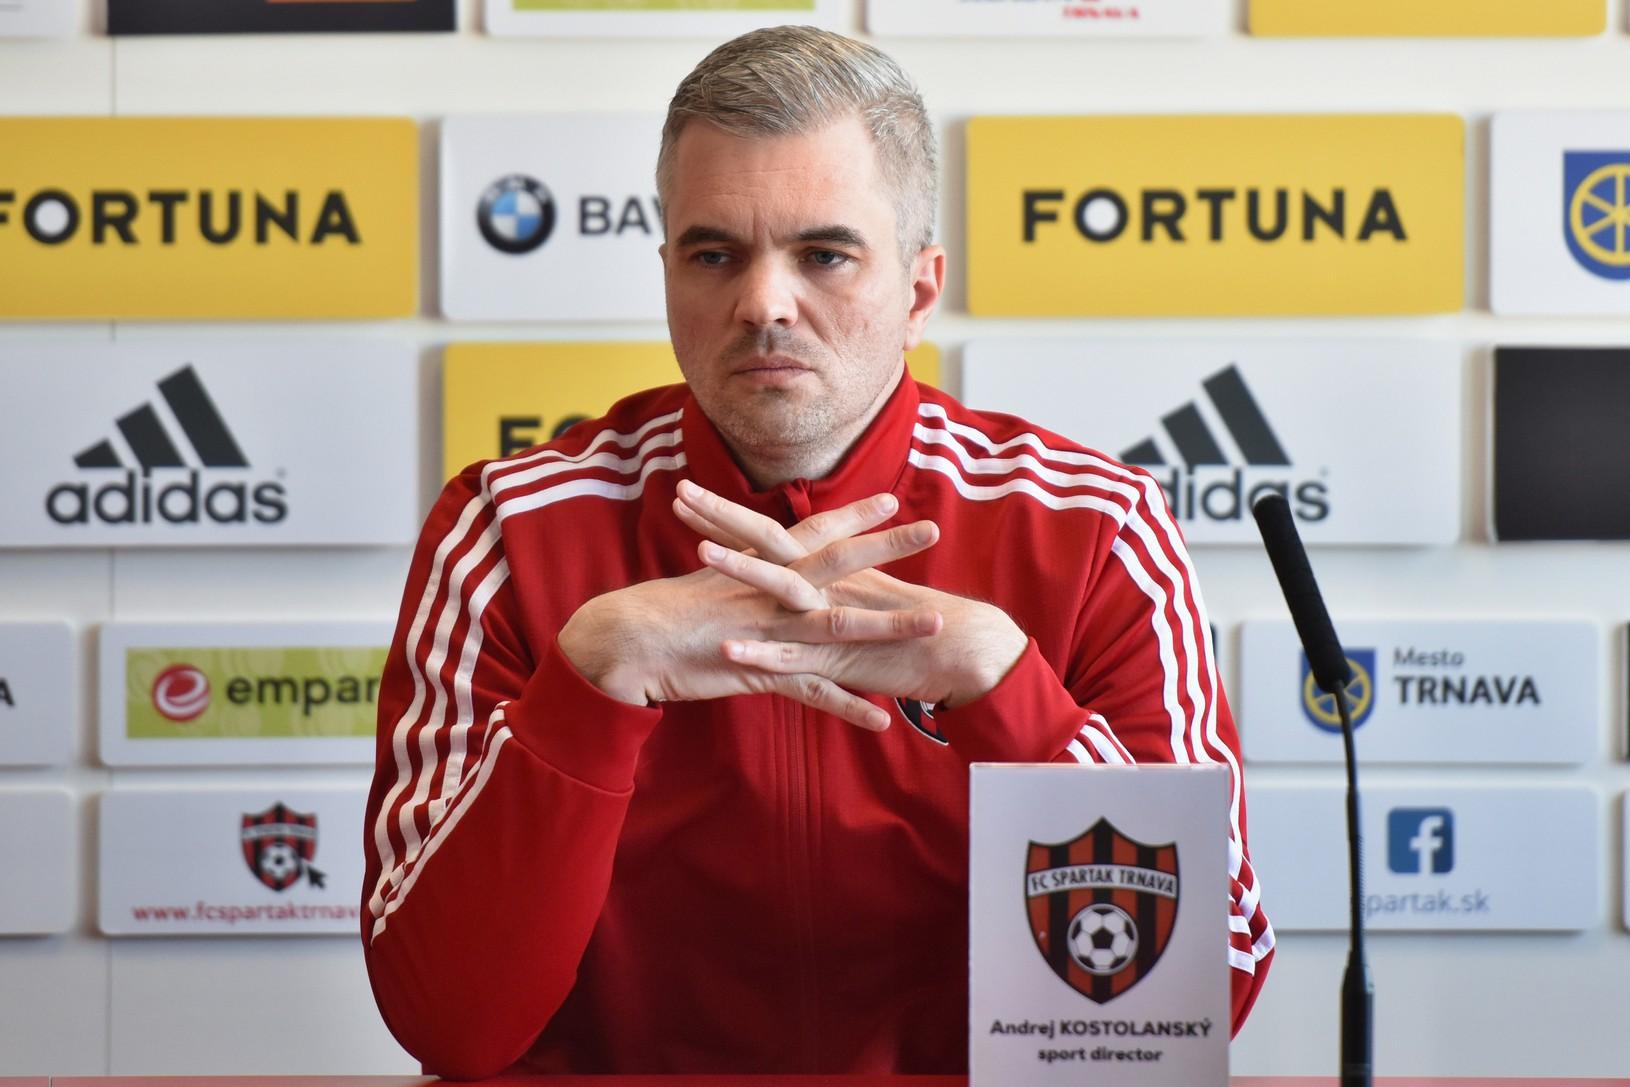 Športový riaditeľ Spartaka Andrej